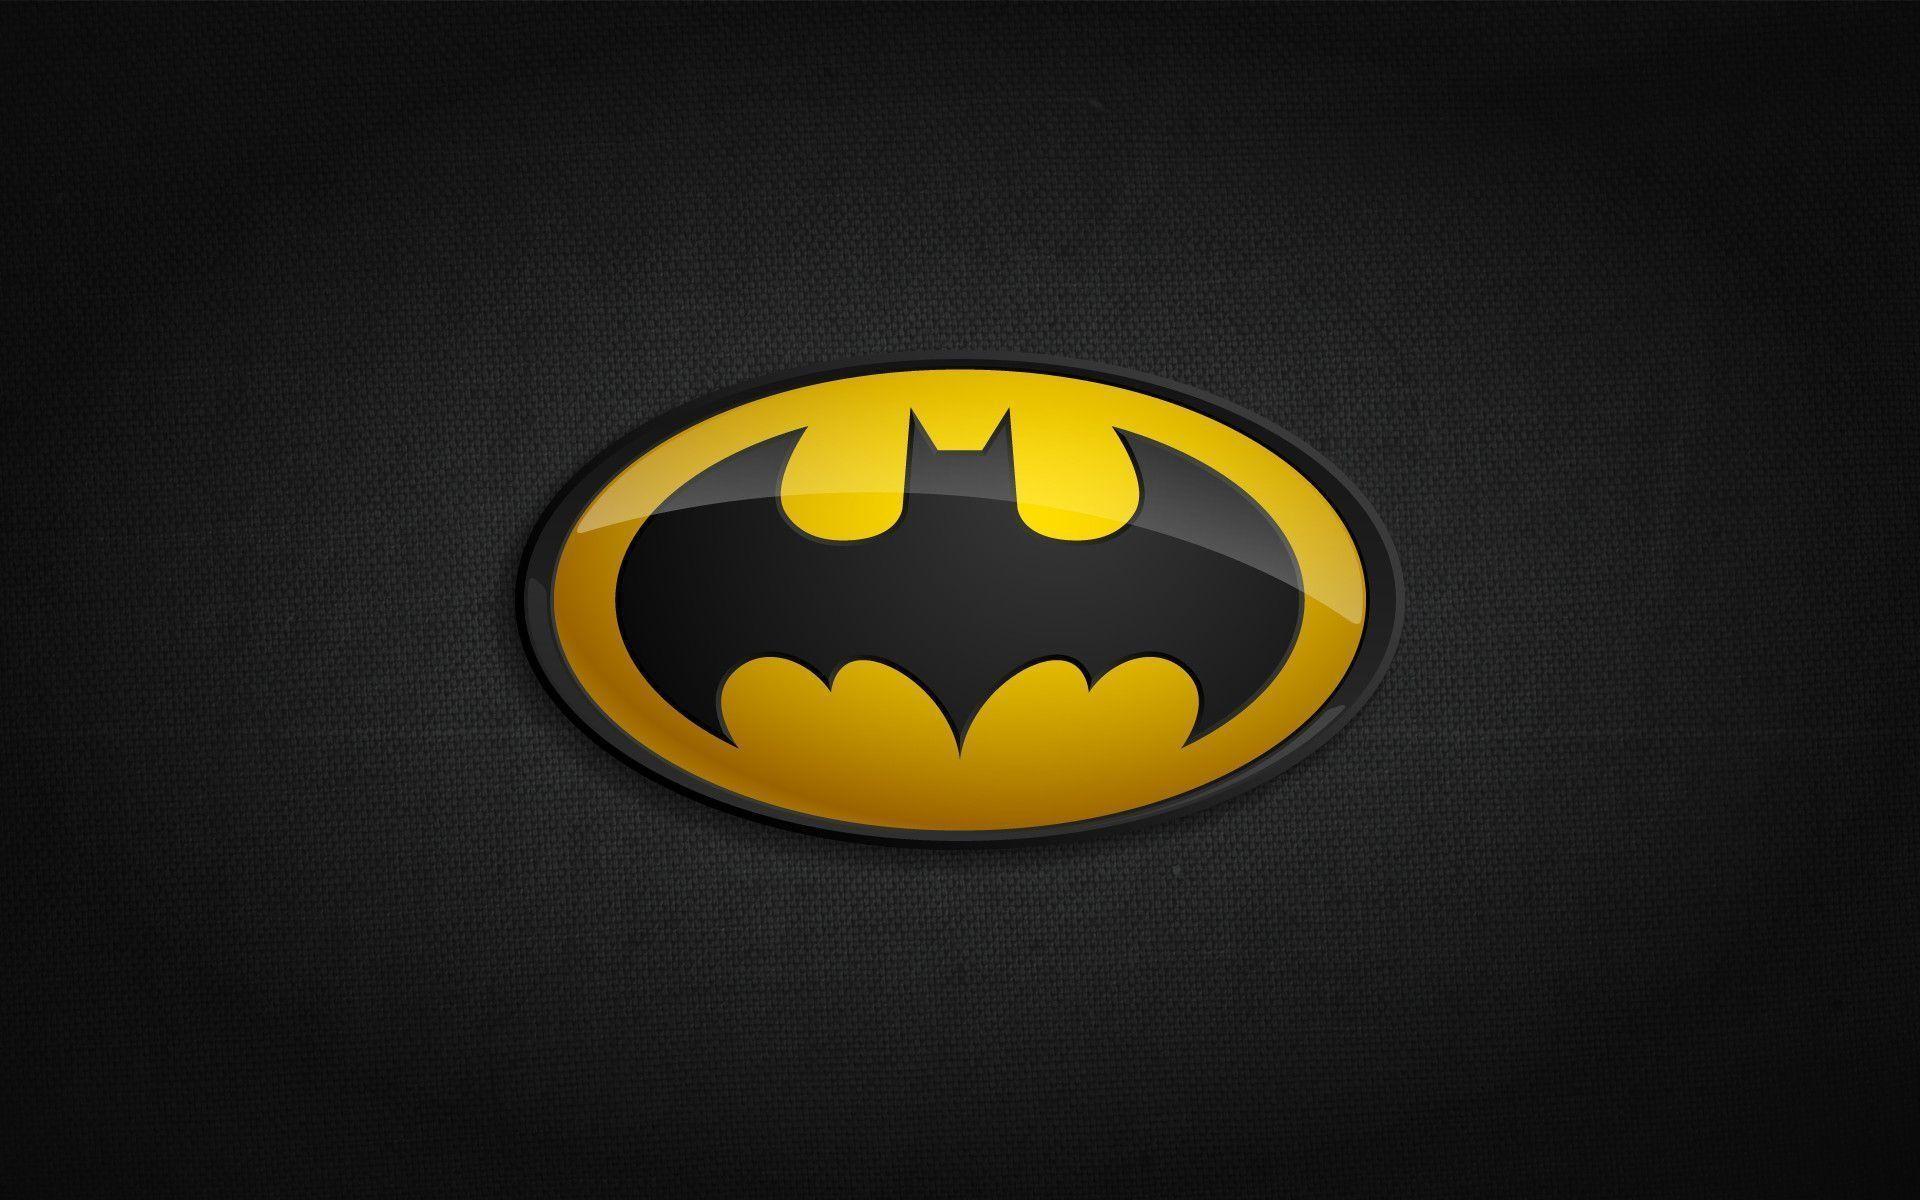 Batman Logo 3D wallpaper – 388738